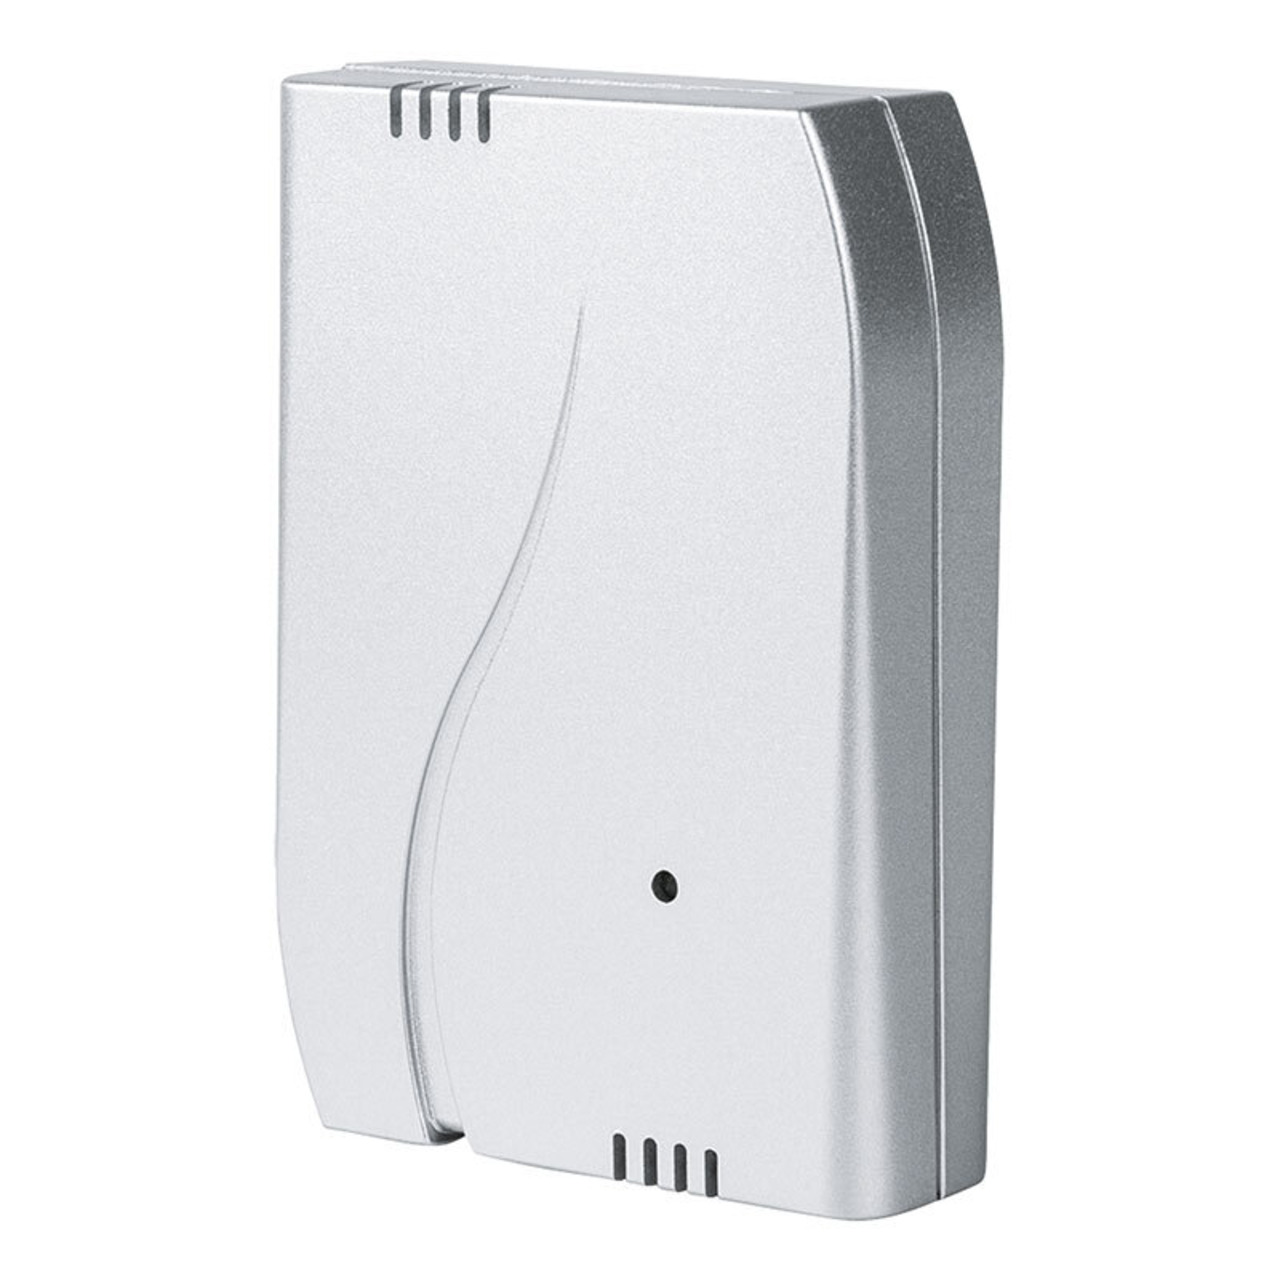 Homematic Funk-Innensensor ITH HM-WDS40-TH-I-2 für Smart Home / Hausautomation